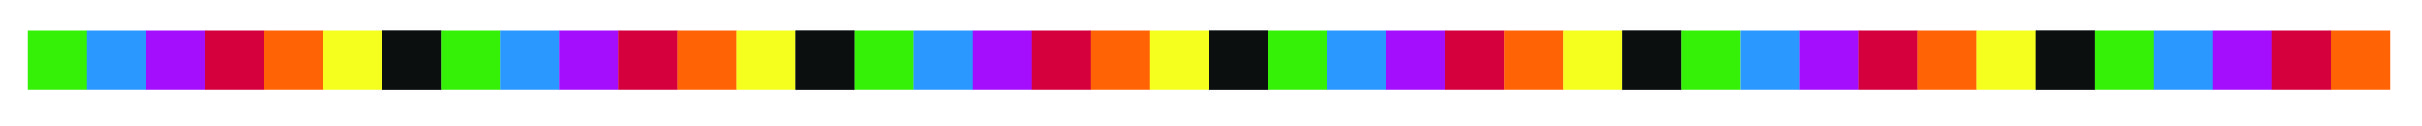 Colour Strip-01.jpg